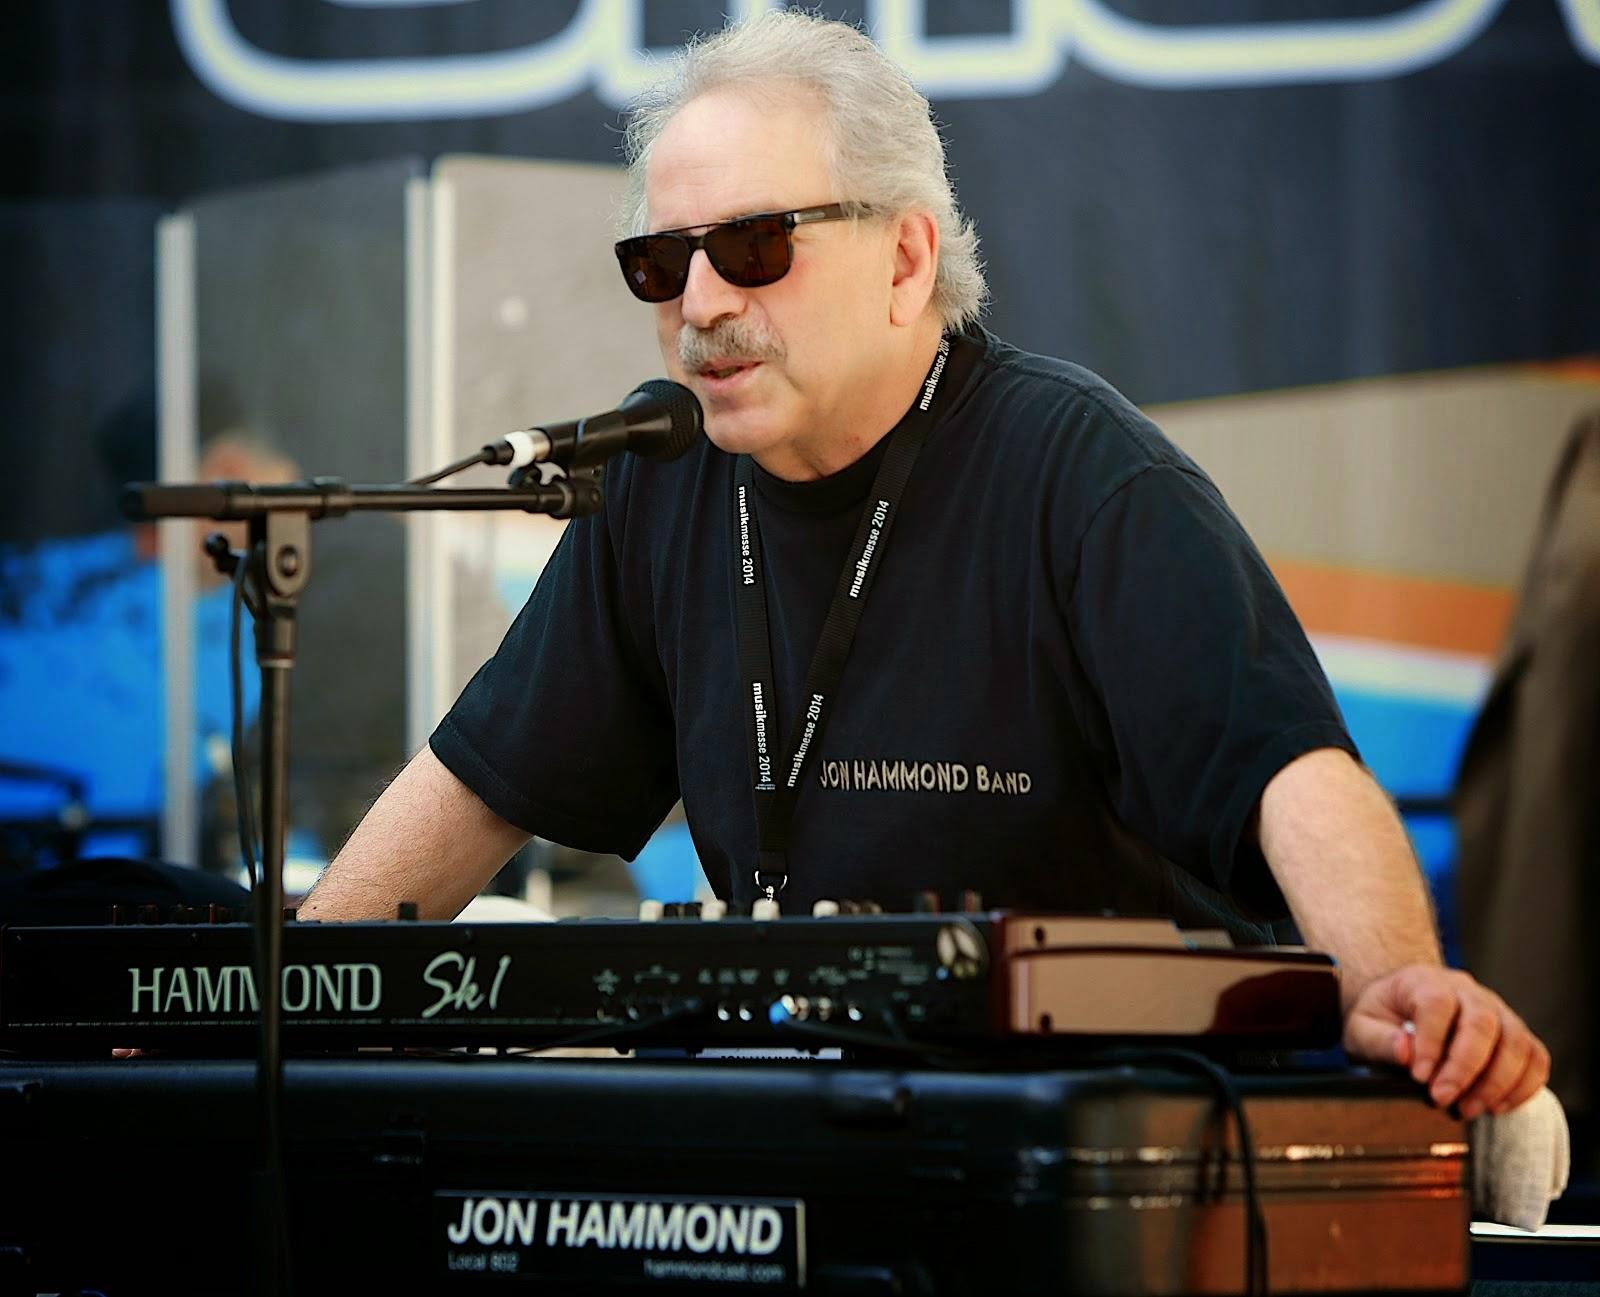 JON HAMMOND | JON HAMMOND Band